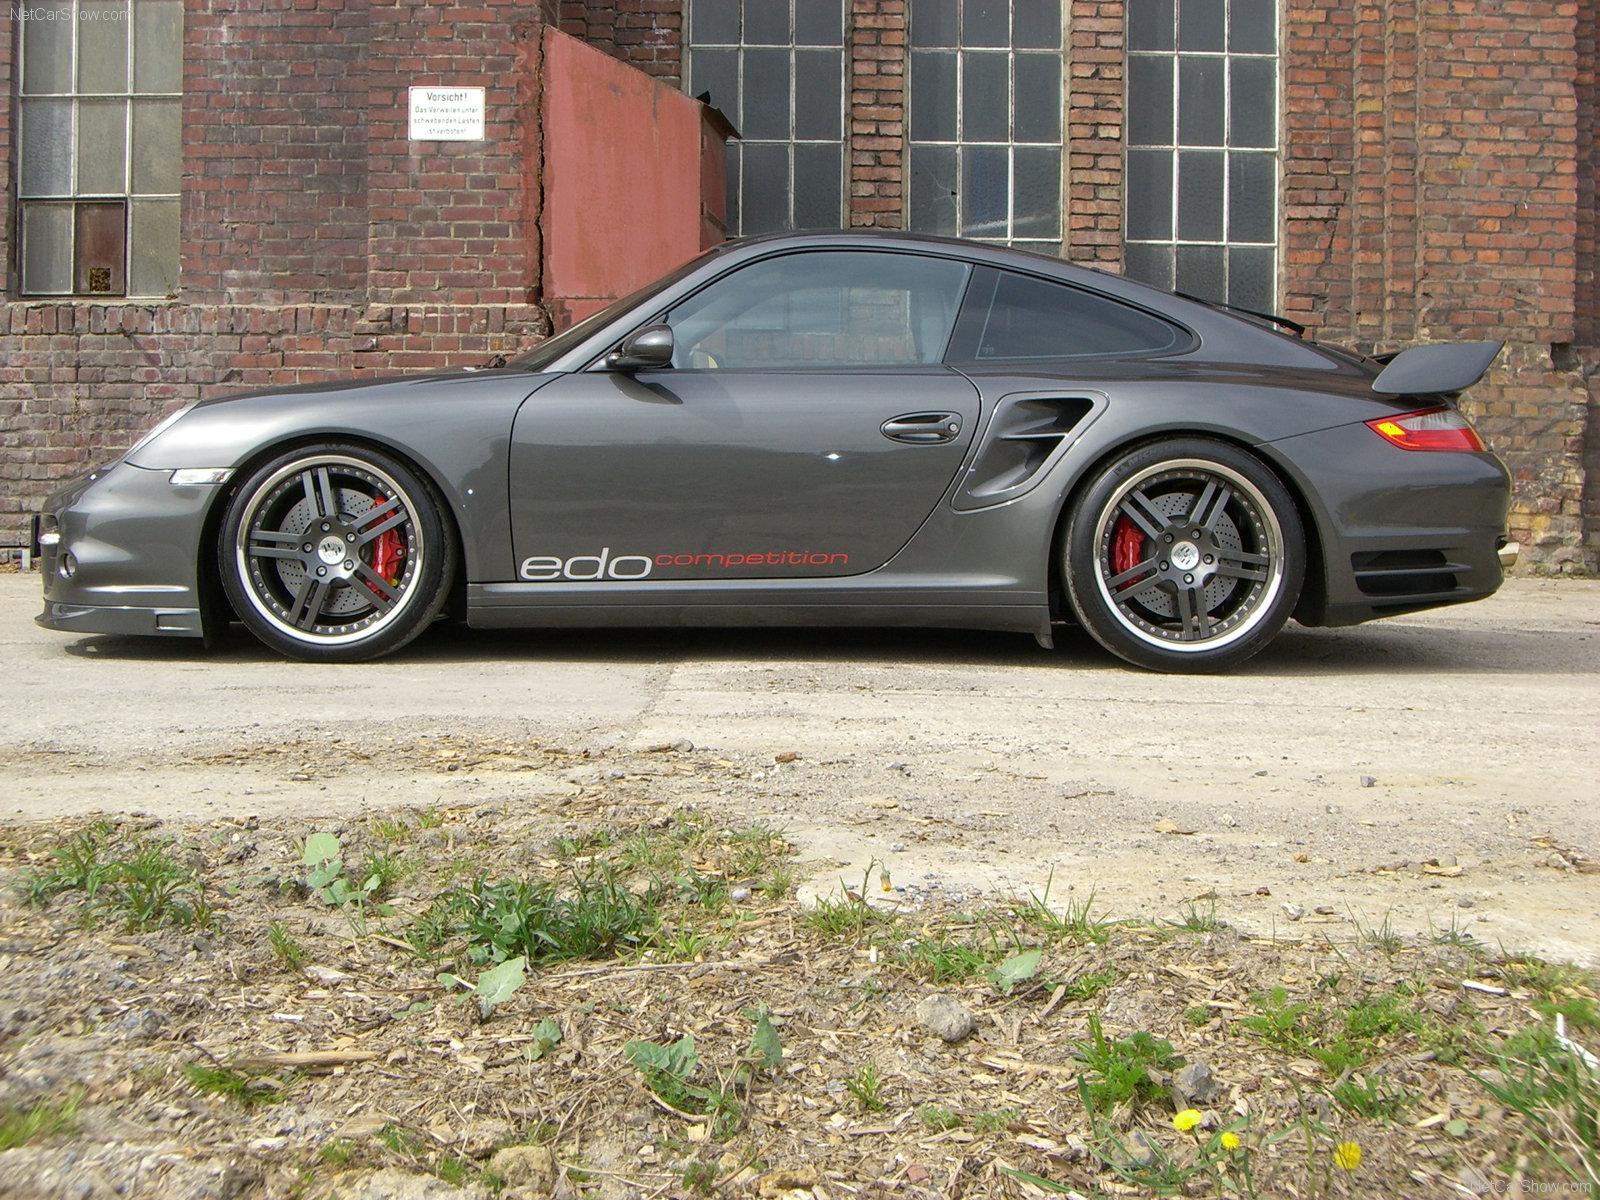 Hình ảnh siêu xe Edo Porsche 997 Turbo Shark 2007 & nội ngoại thất